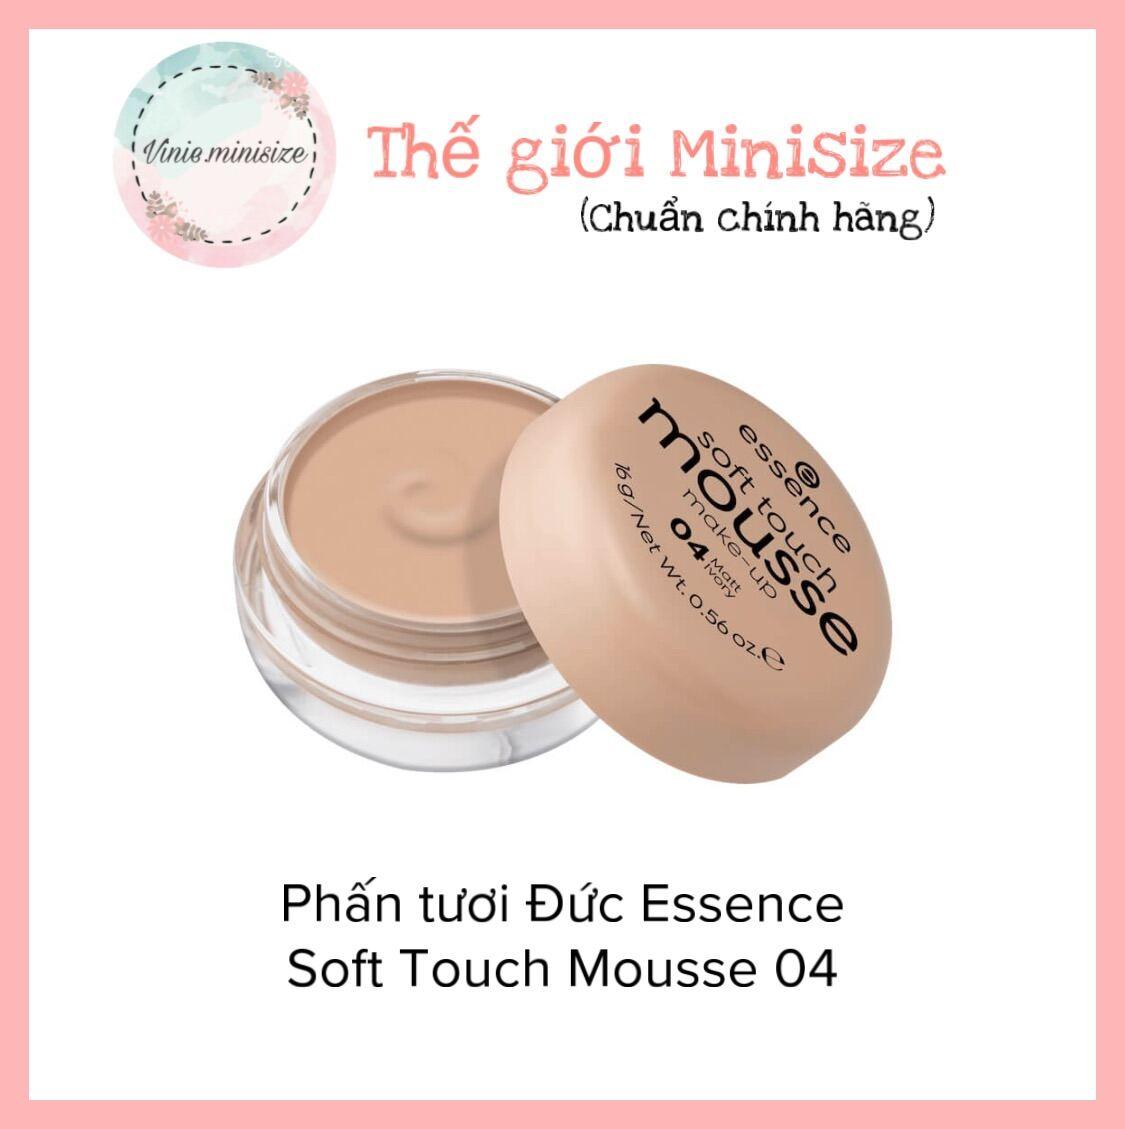 Phấn tươi Đức Essence Soft Touch Mousse 04 Vinie.minisize thumbnail